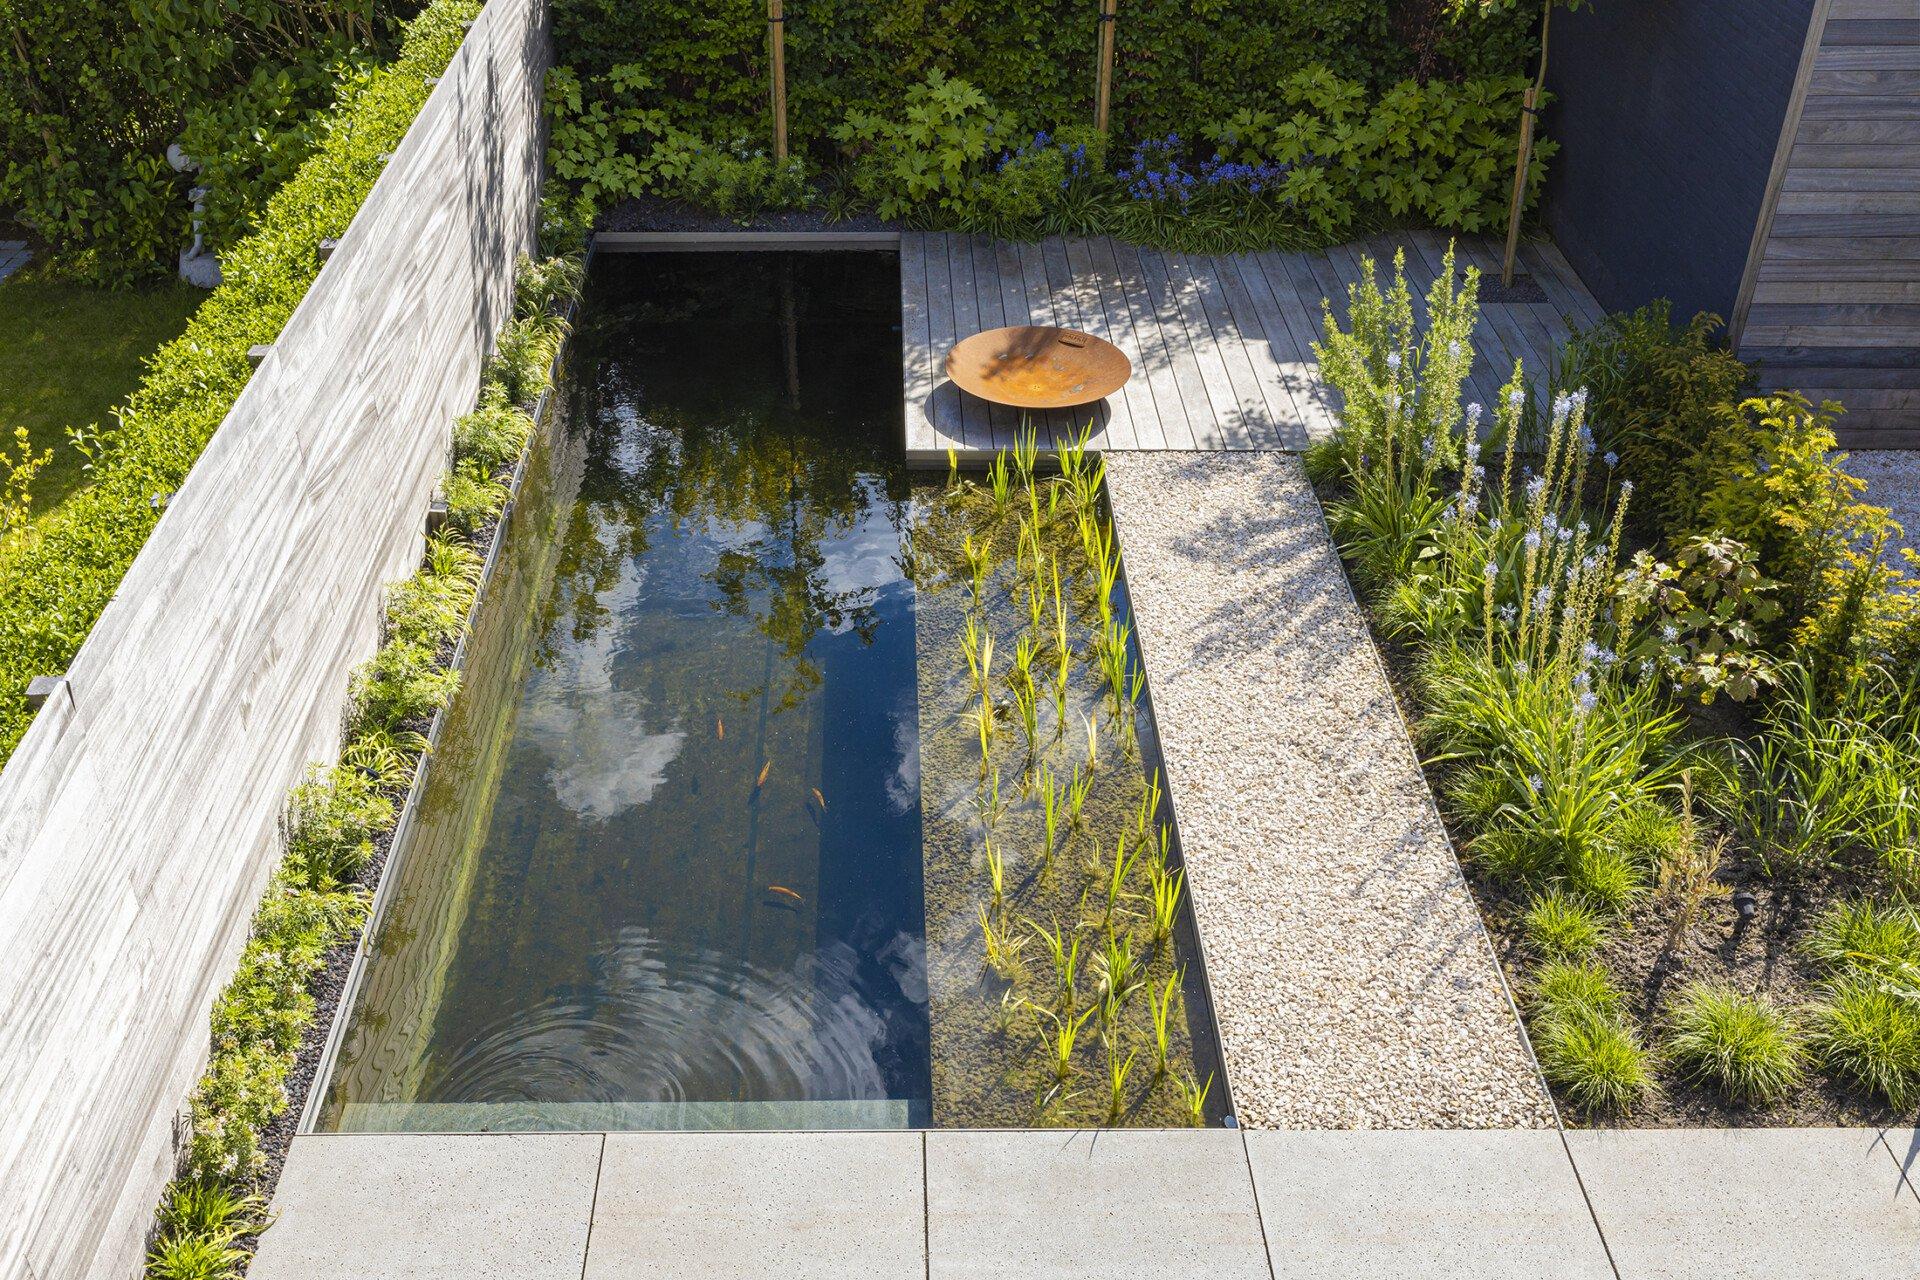 De mooiste zwembaden stelt een realisatie van PUR'EAU voor..